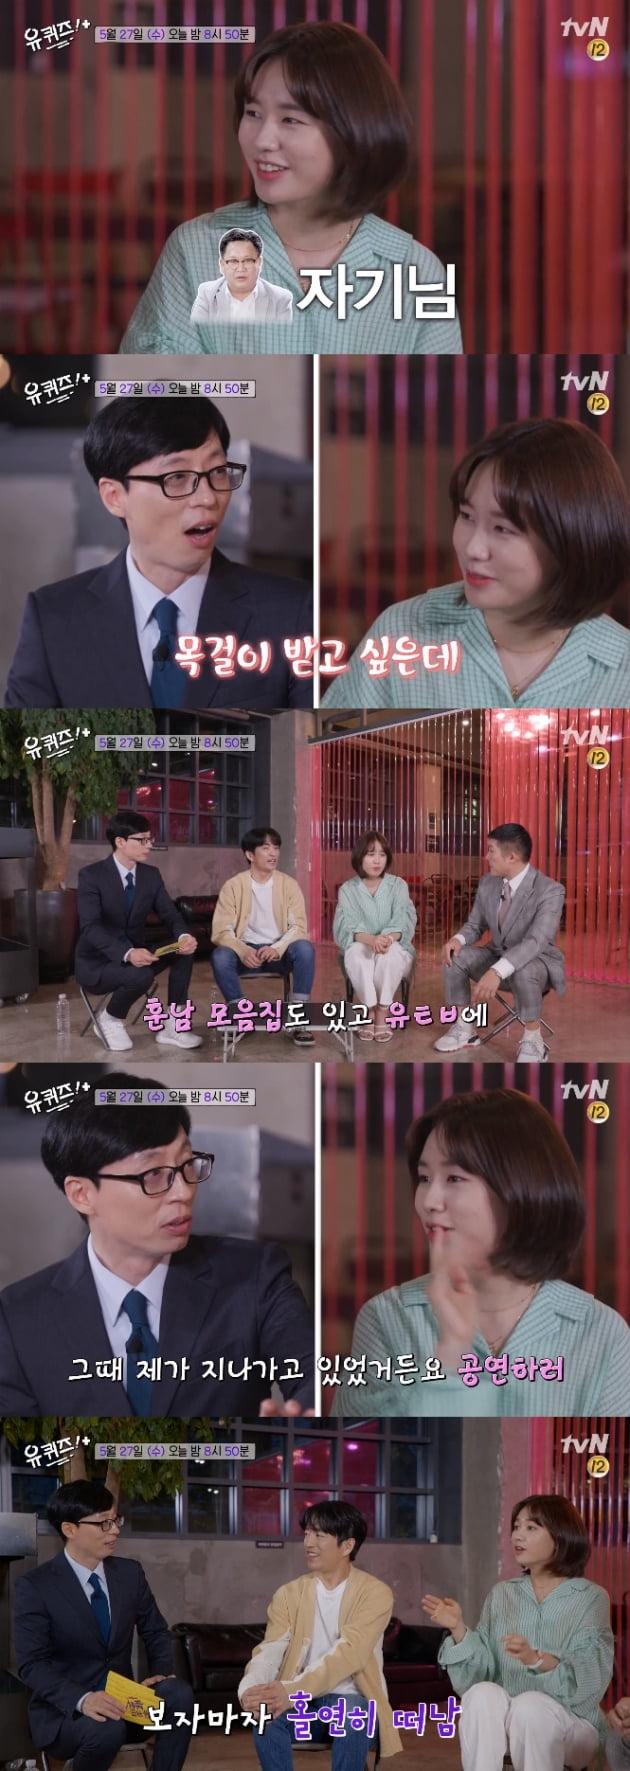 '유 퀴즈 온 더 블럭' 안은진 / 사진 = tvN 영상 캡처